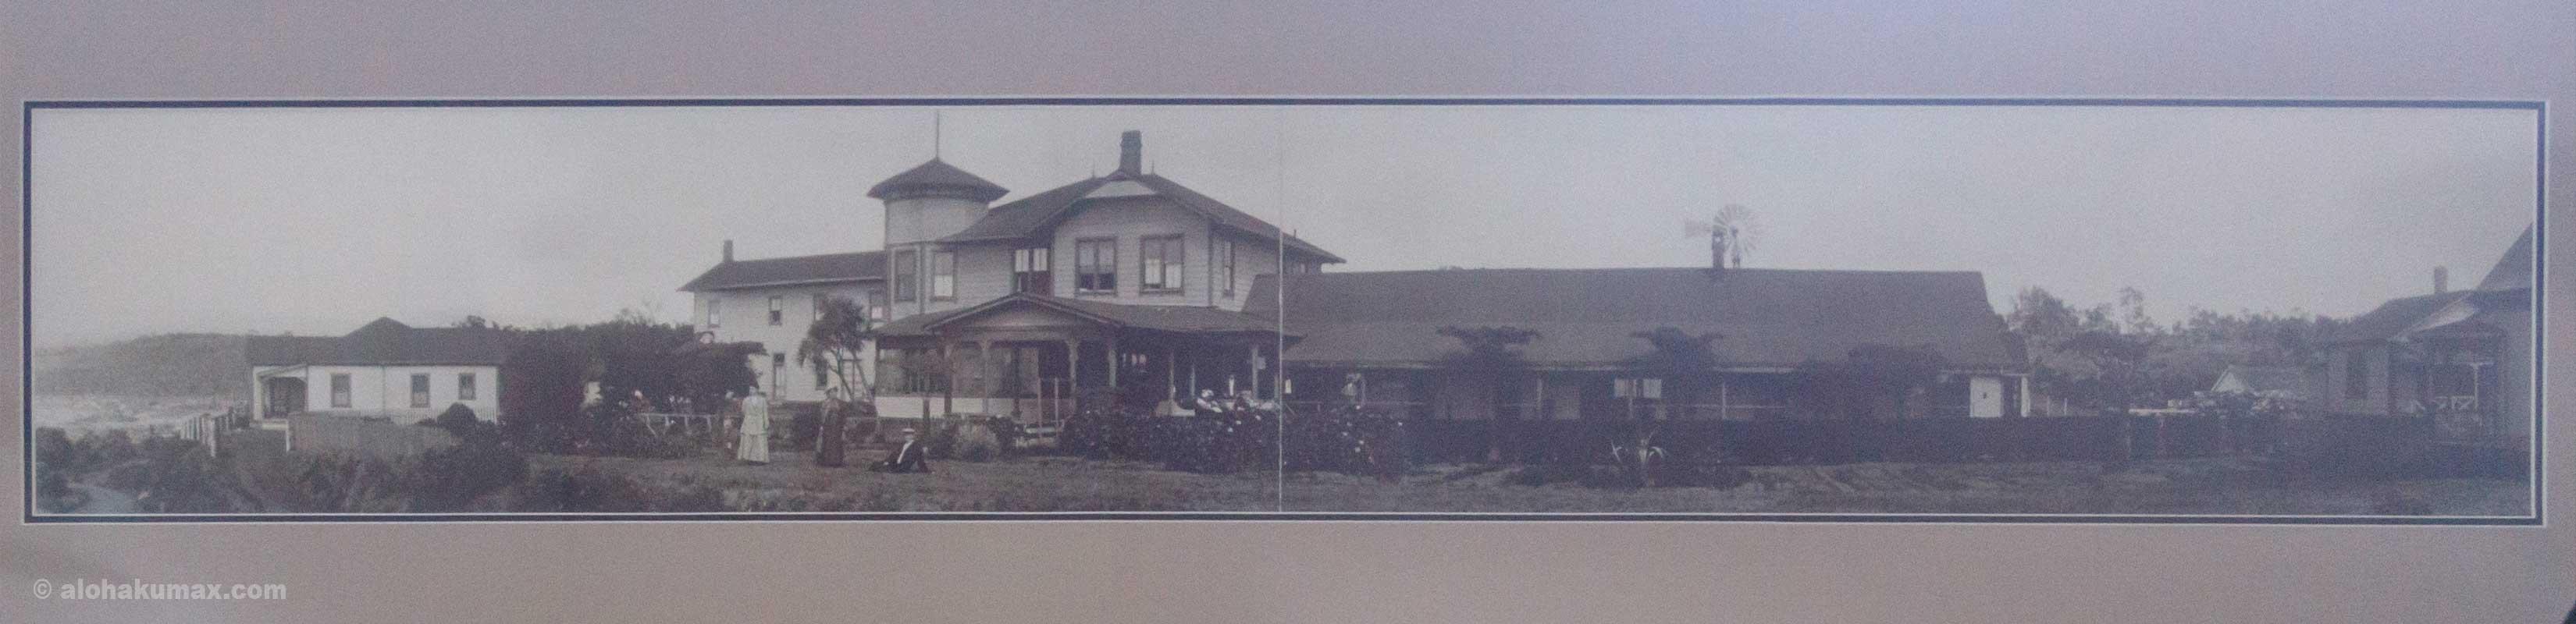 昔のボルケーノハウスの写真(パノラマ)